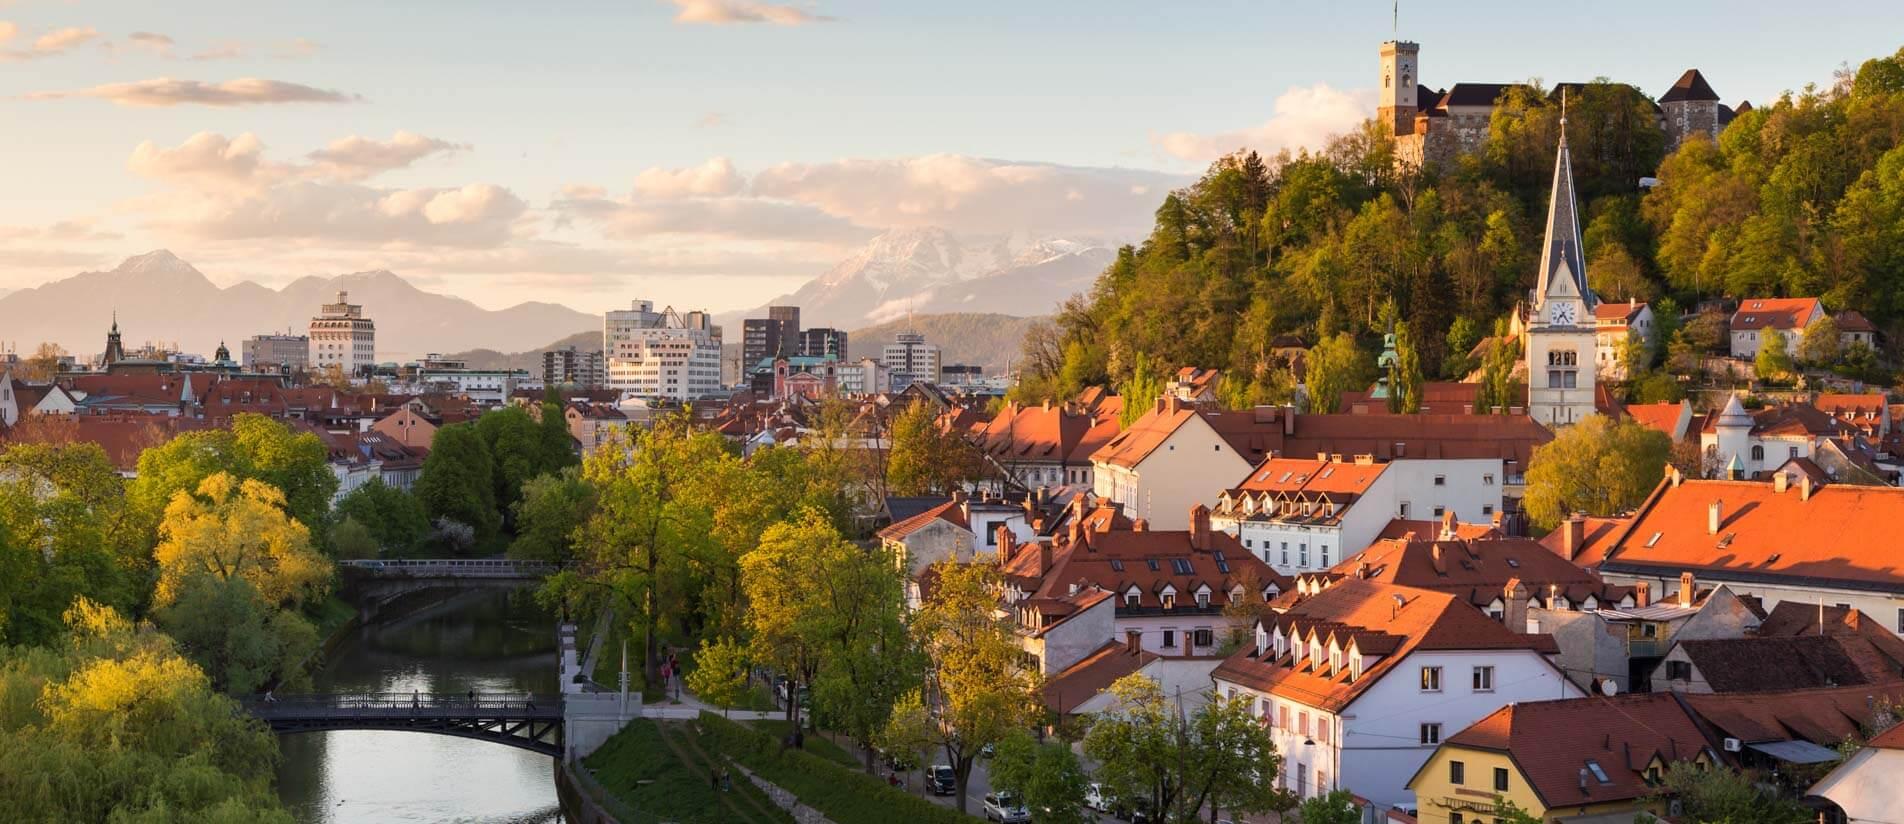 Проститутки В Словении Любляна